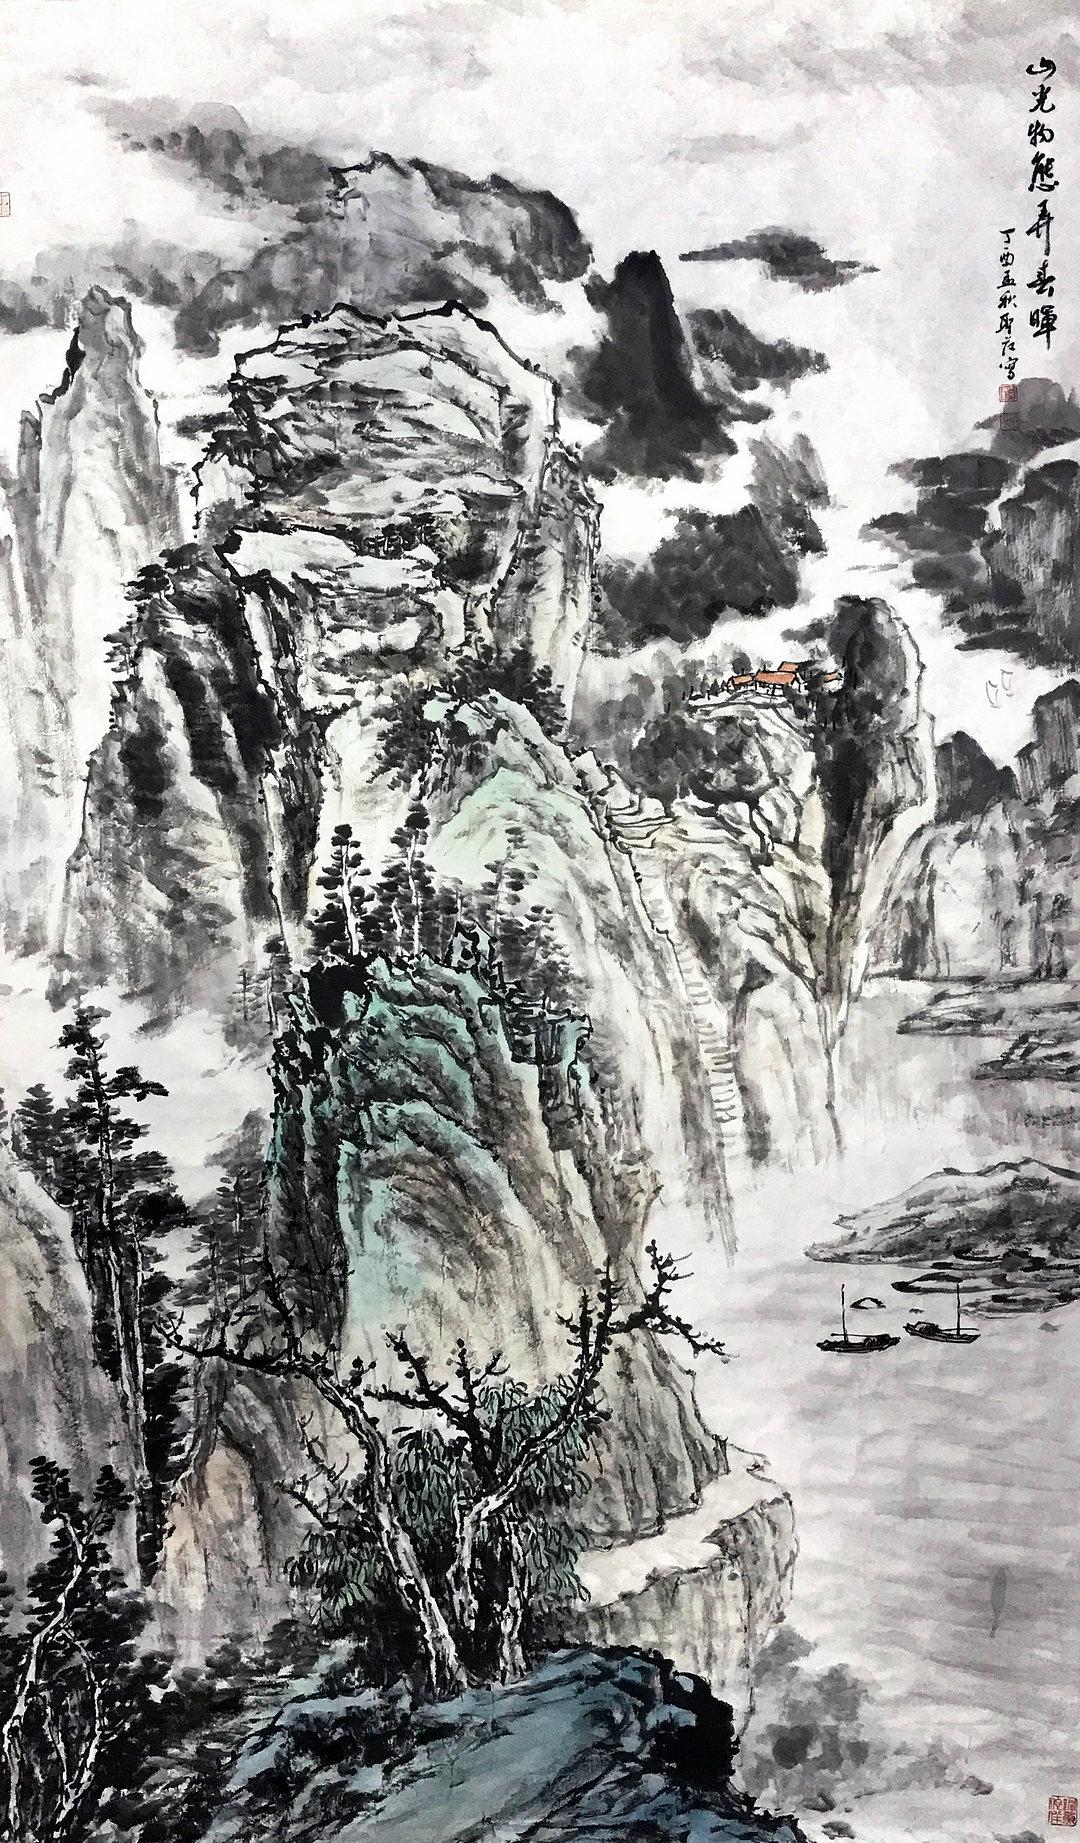 《山光物态弄春晖》写意山 纸本水墨设色 2017年